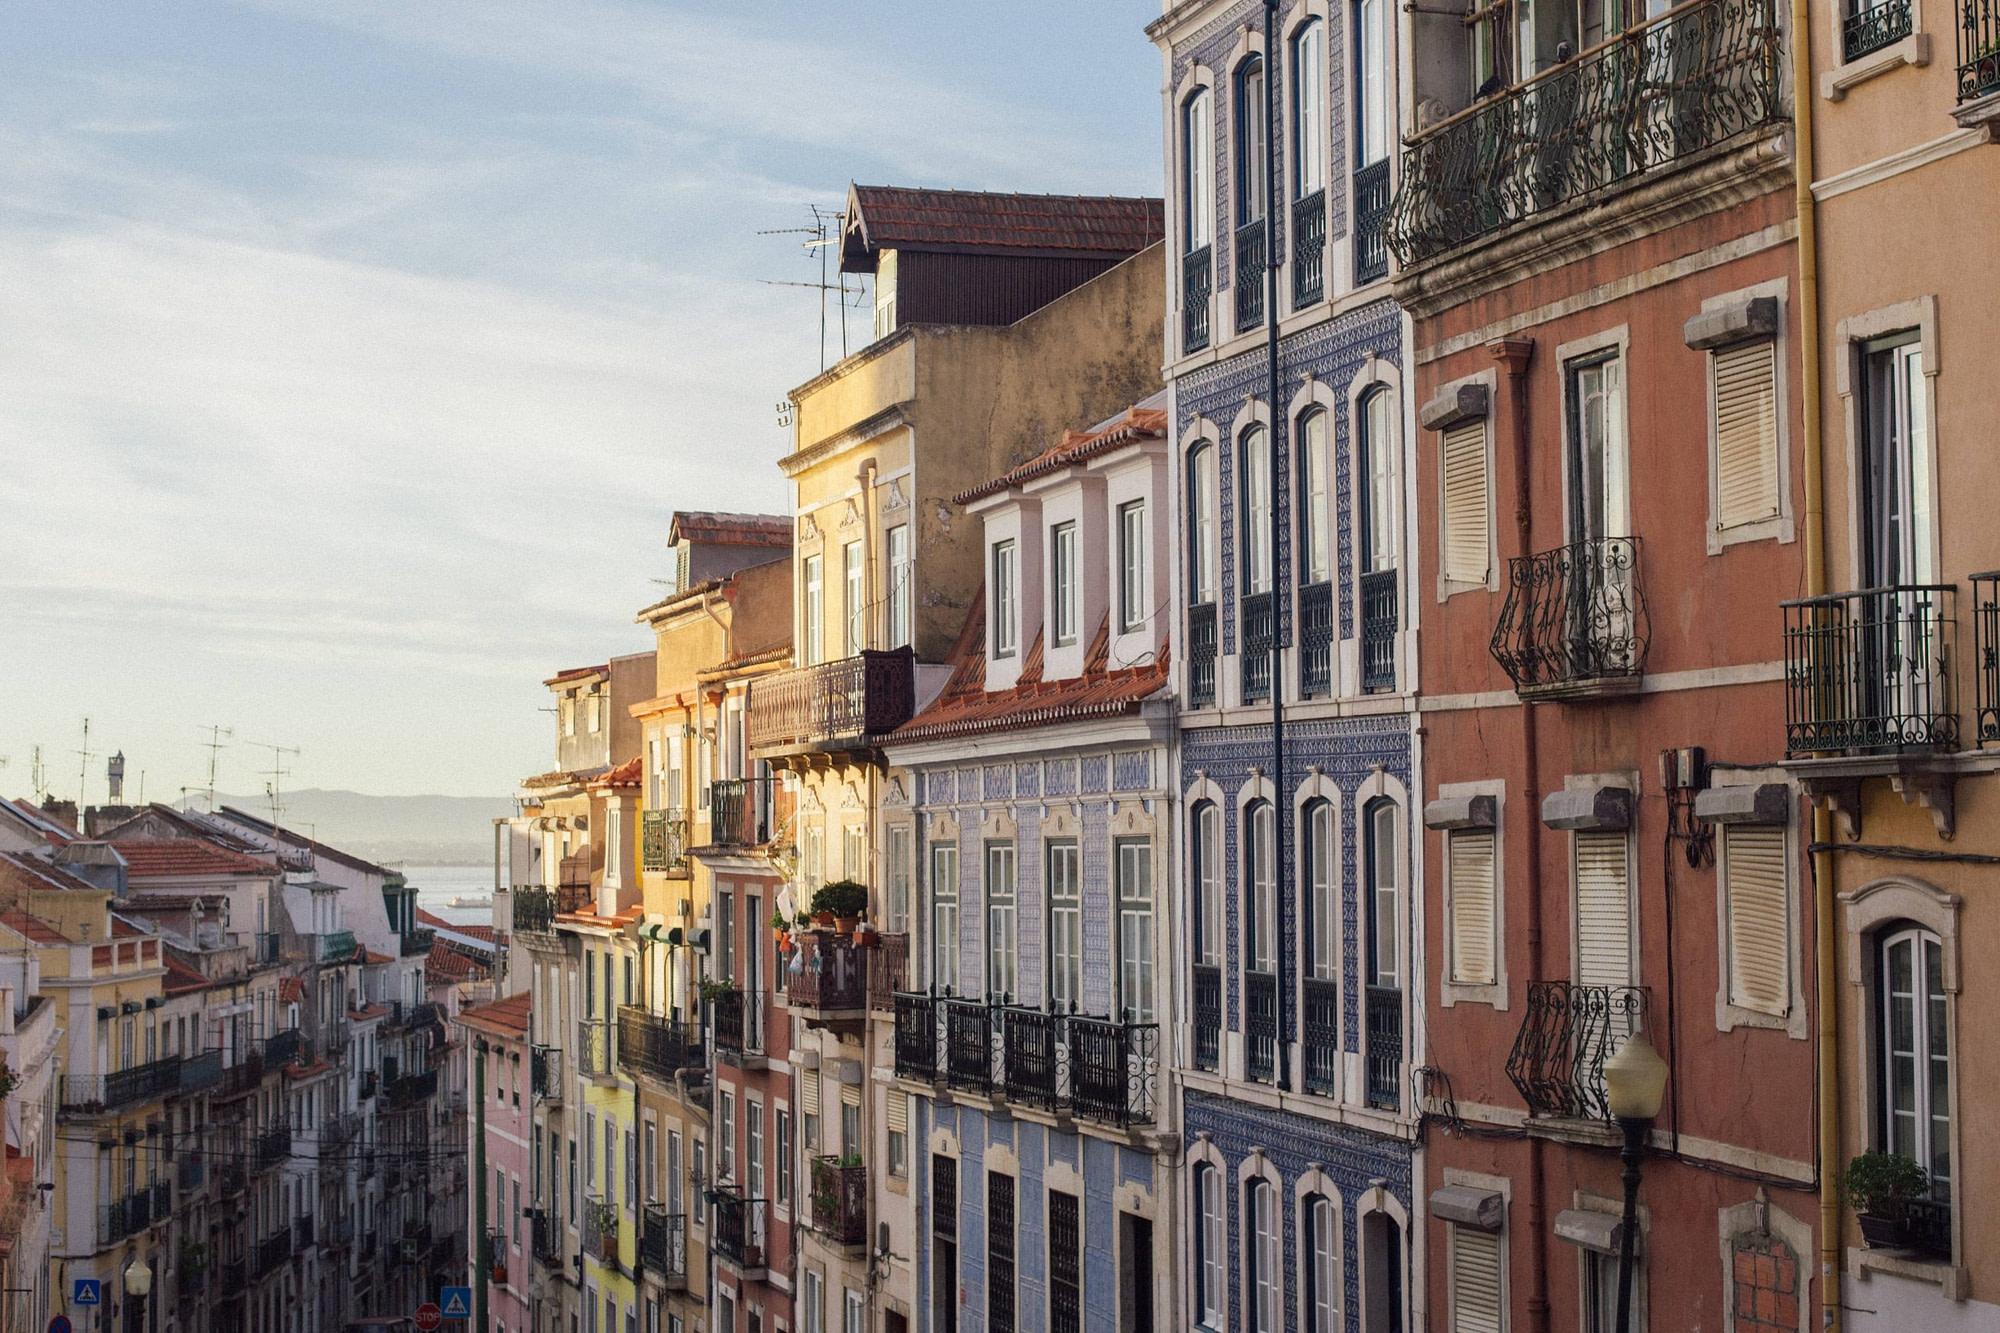 Investissement judicieux dans l'immobilier à Lisbonne et au Portugal